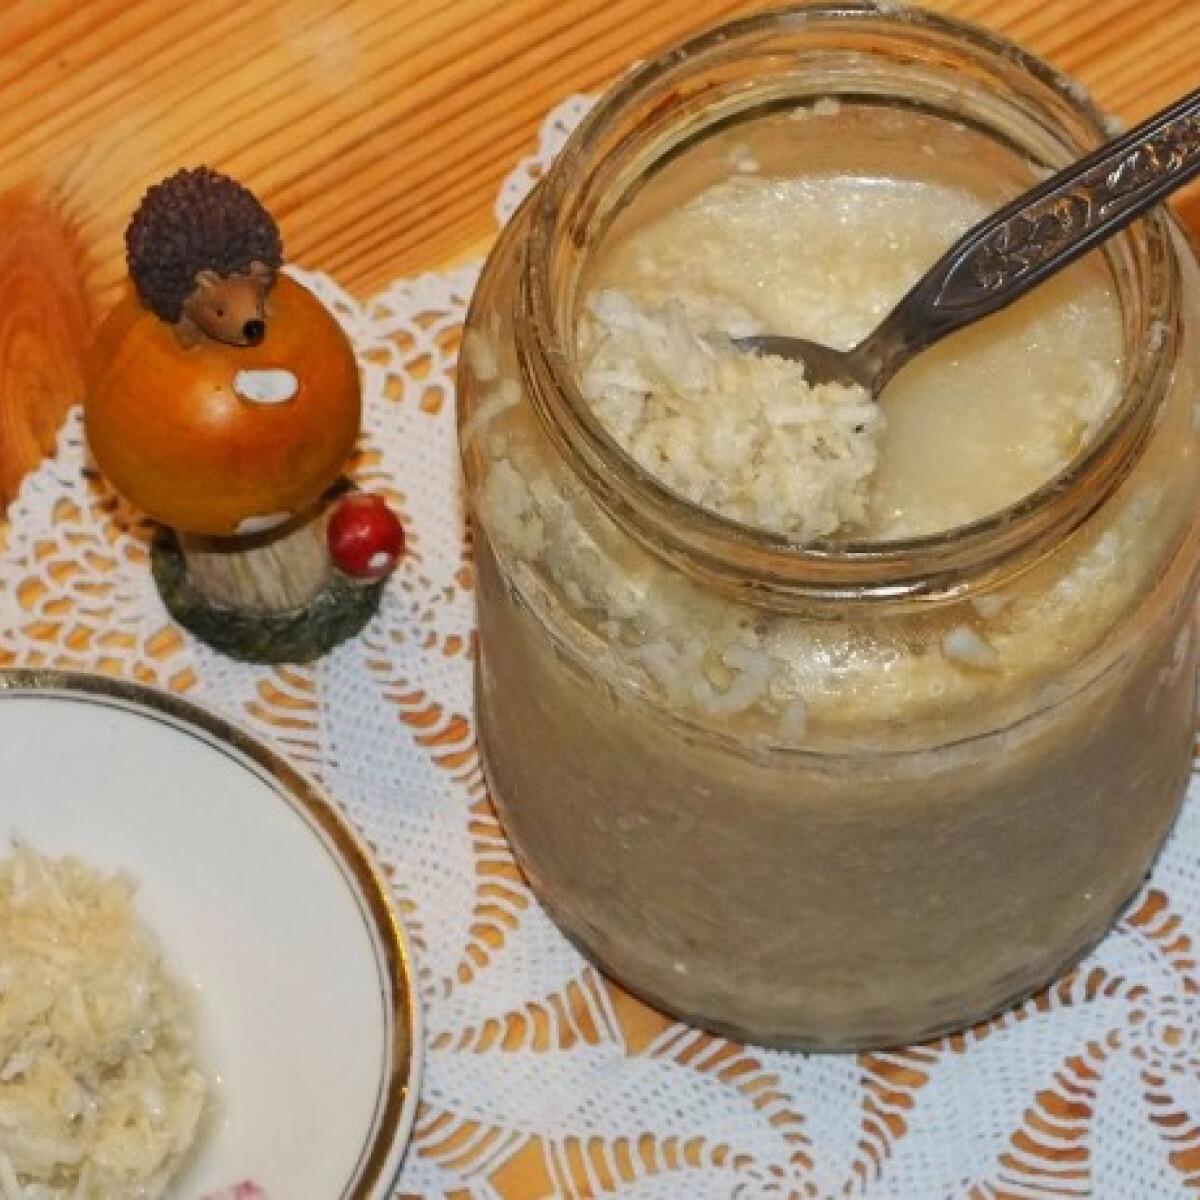 recept otthoni hipertónia sbitn készítéséhez)